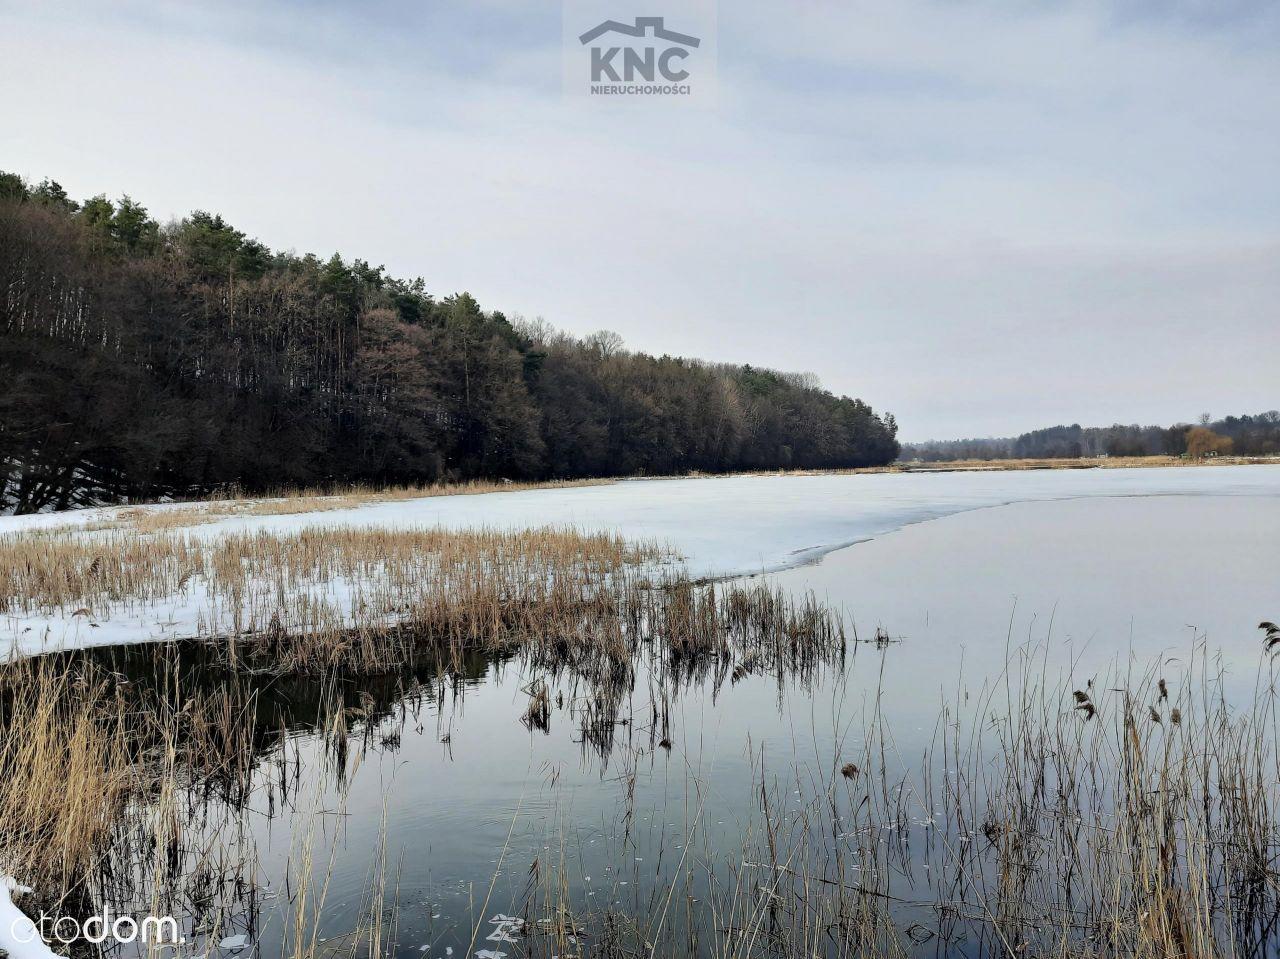 Staw rybny 4,62 ha, Pilaszkowice, lubelskie